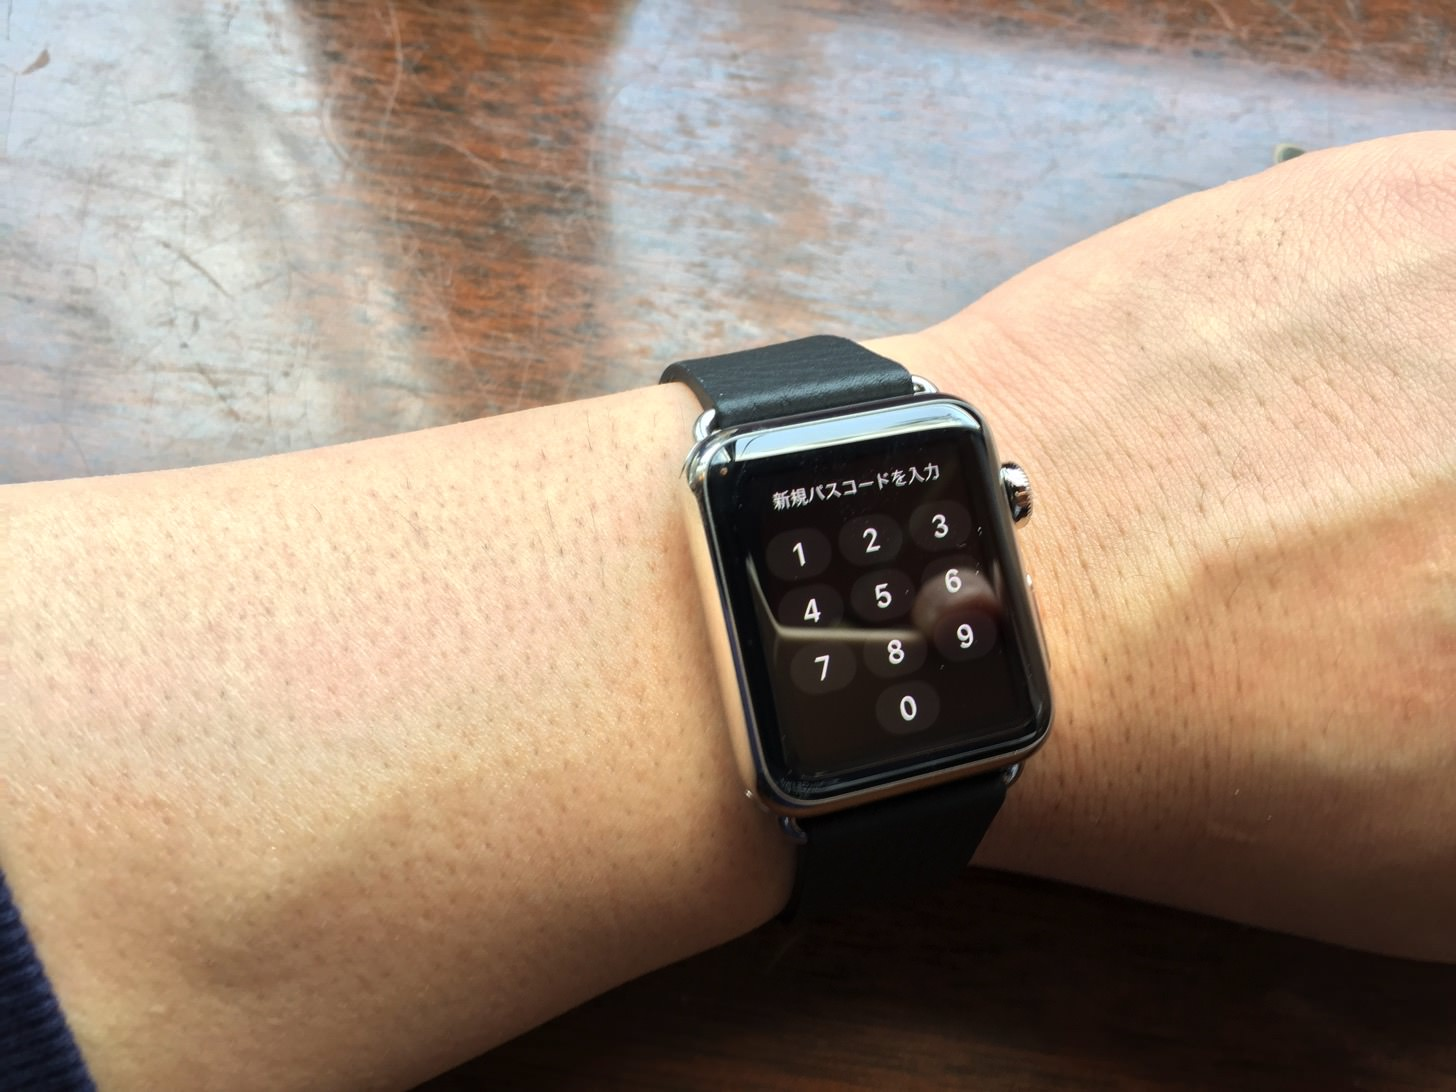 Apple Watchでパスコードを設定